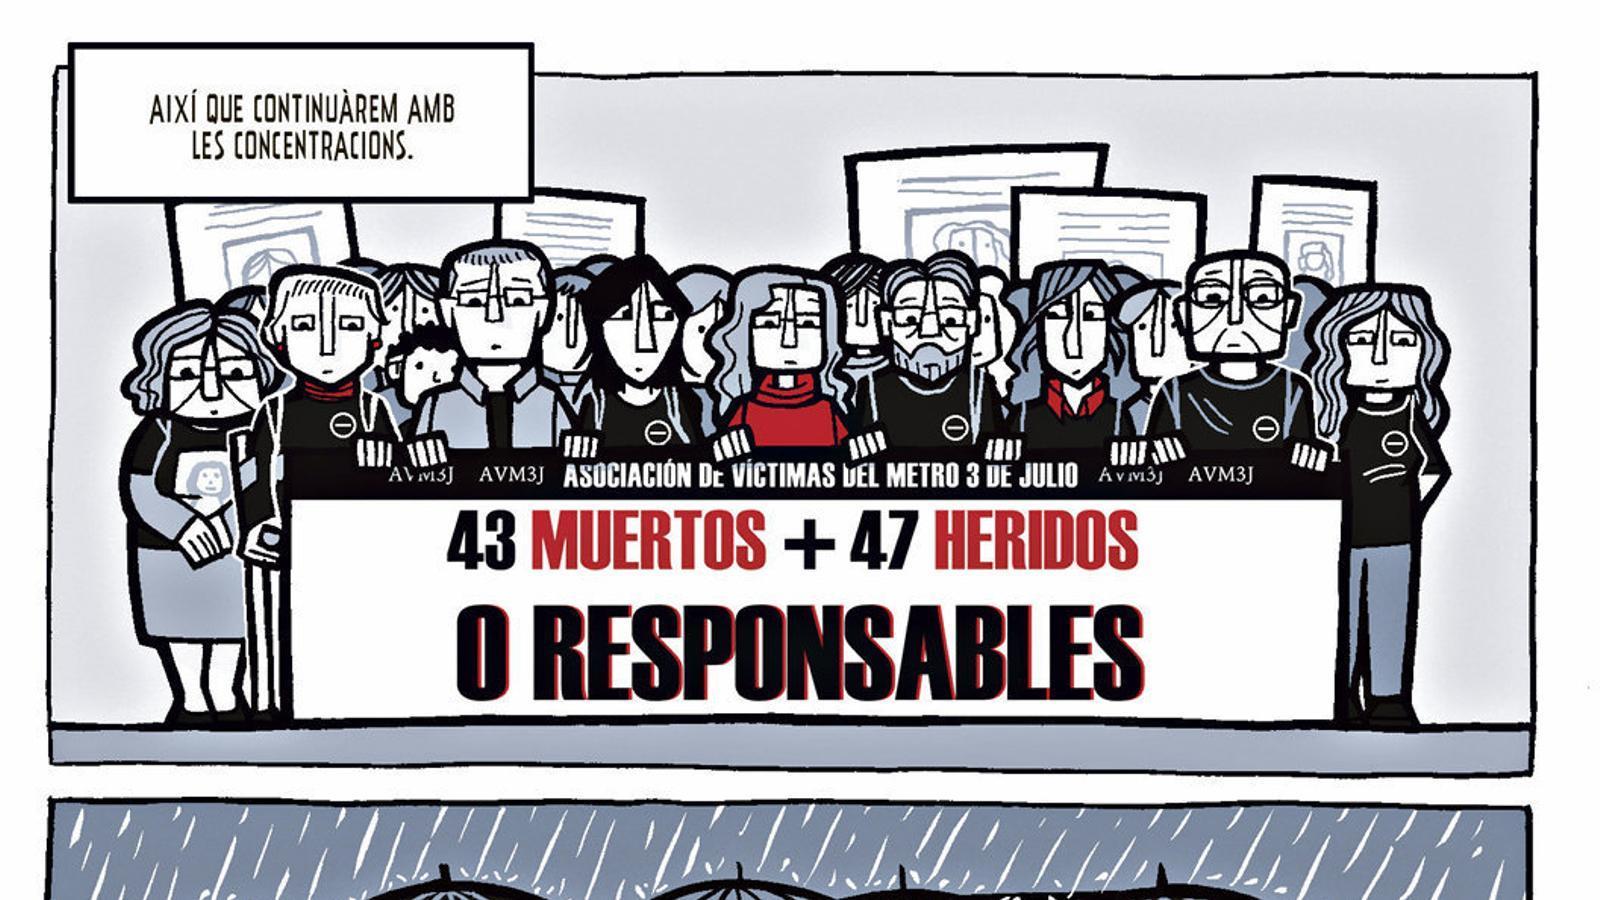 A l'esquerra, pàgina d'El dia 3 que recrea les concentracions de l'Associació de Víctimes del Metro de València. A la dreta, la parada de metro on va tenir lloc l'accident. A sota, l'última concentració de l'associació el 3 de juliol del 2015.